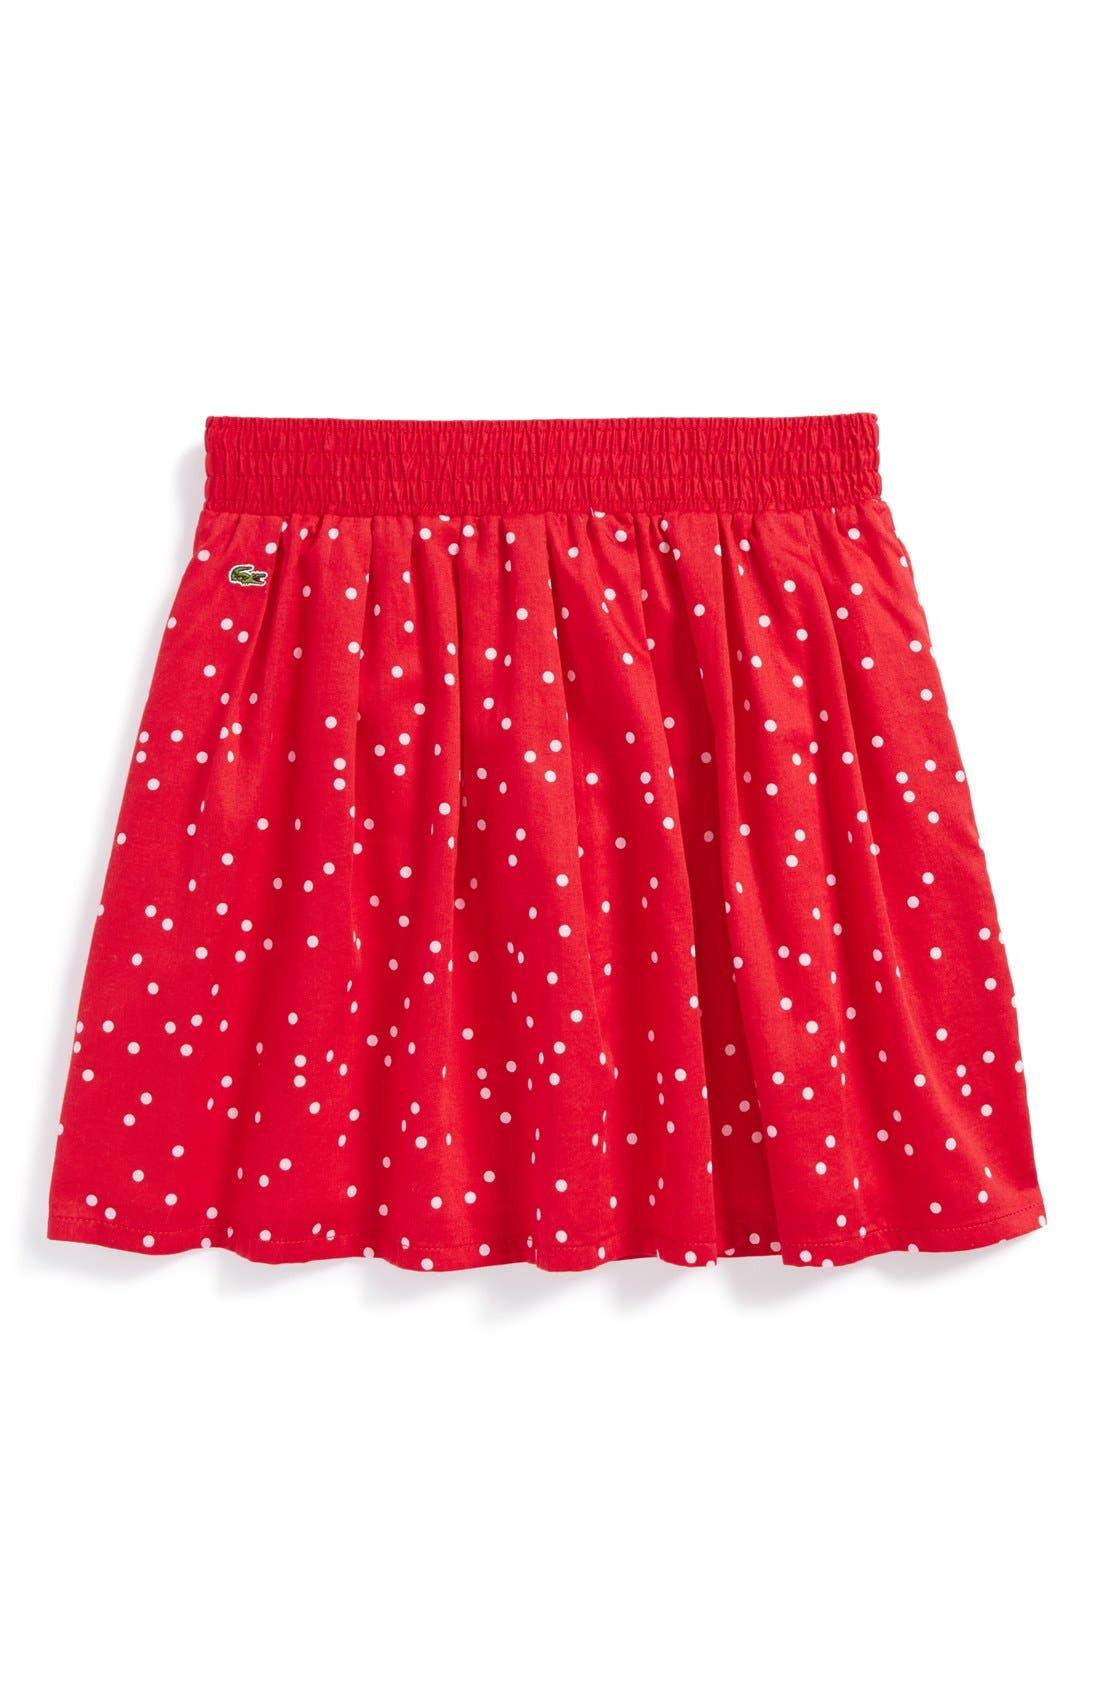 Alternate Image 1 Selected - Lacoste Dot Skirt (Big Girls)